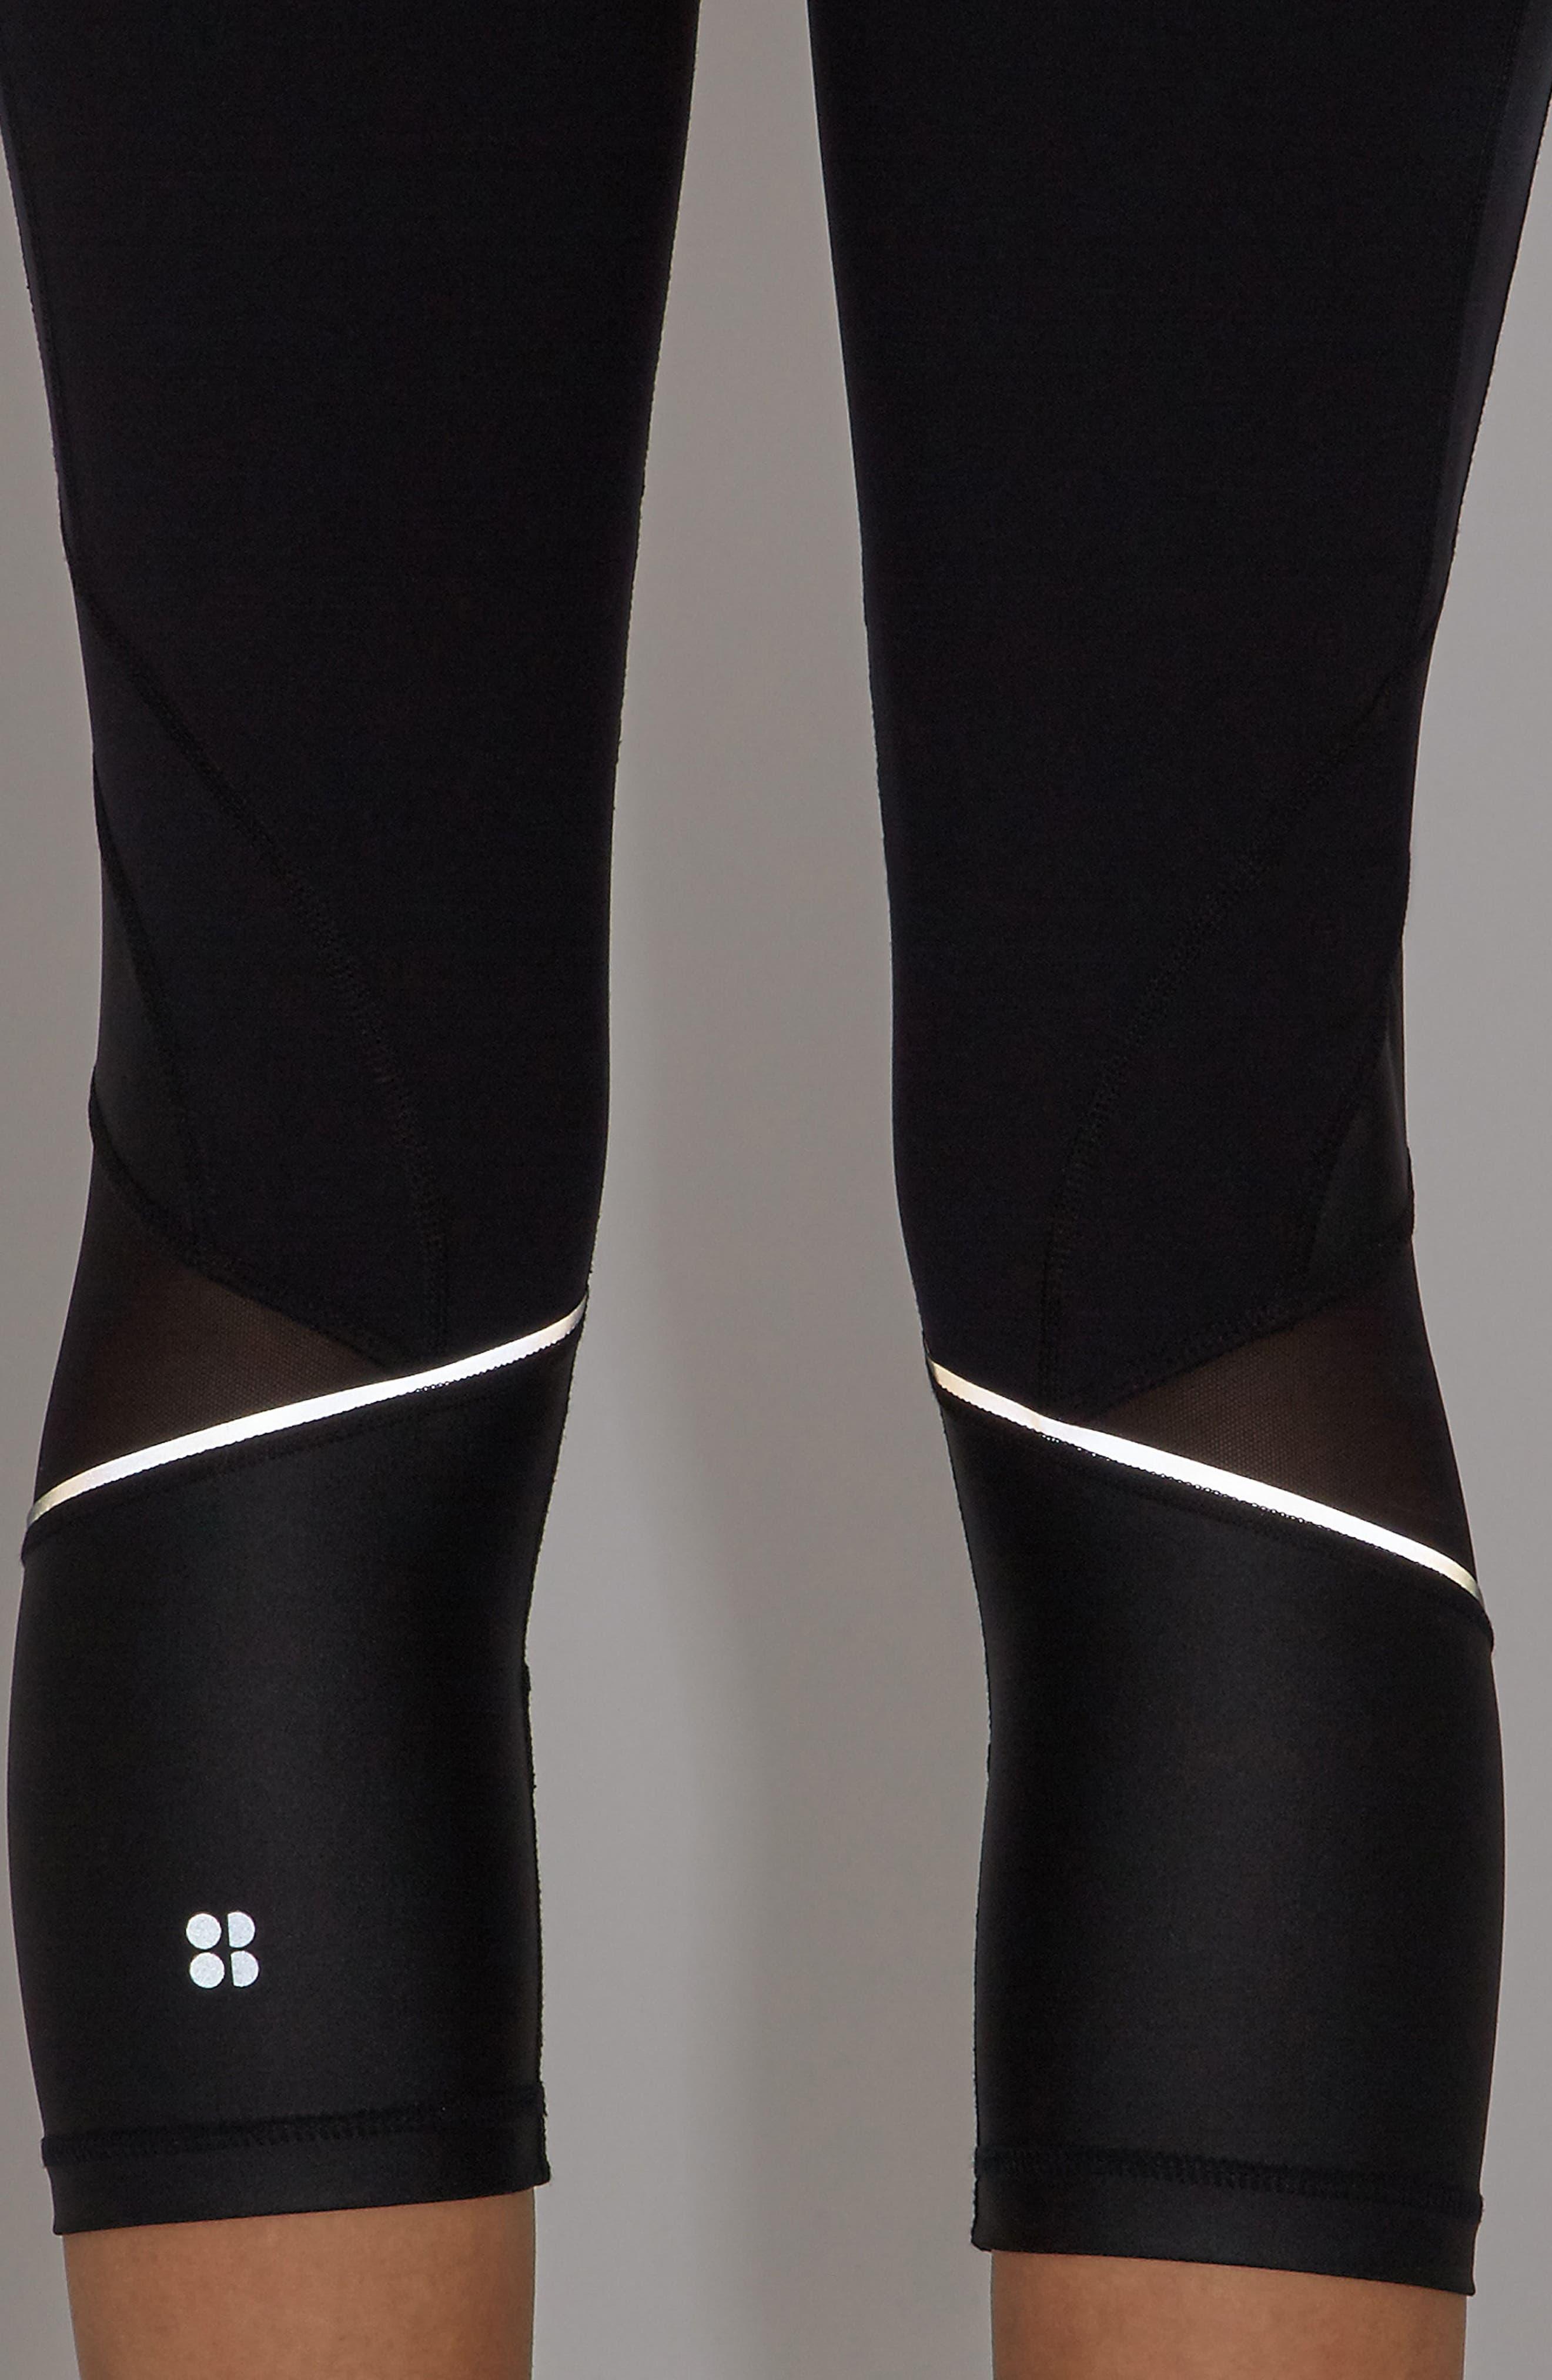 Power Wetlook Crop Leggings,                             Alternate thumbnail 6, color,                             Black